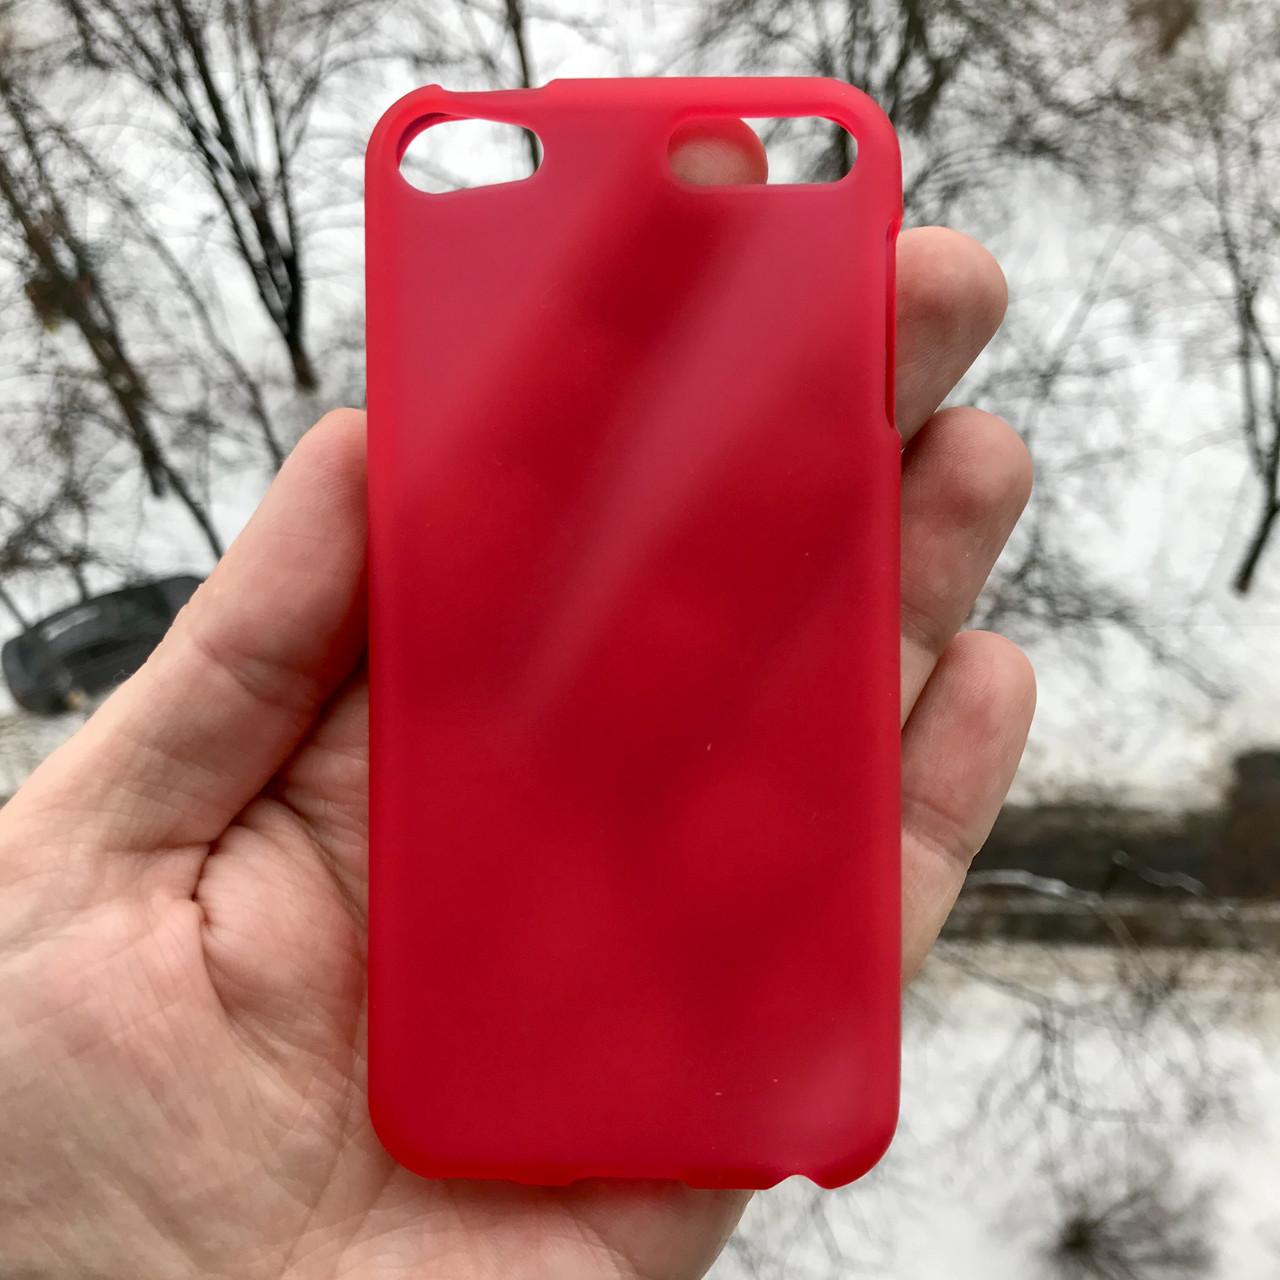 Матовый полиуретановый чехол для iPod touch 5/6 + защитная пленка на экран